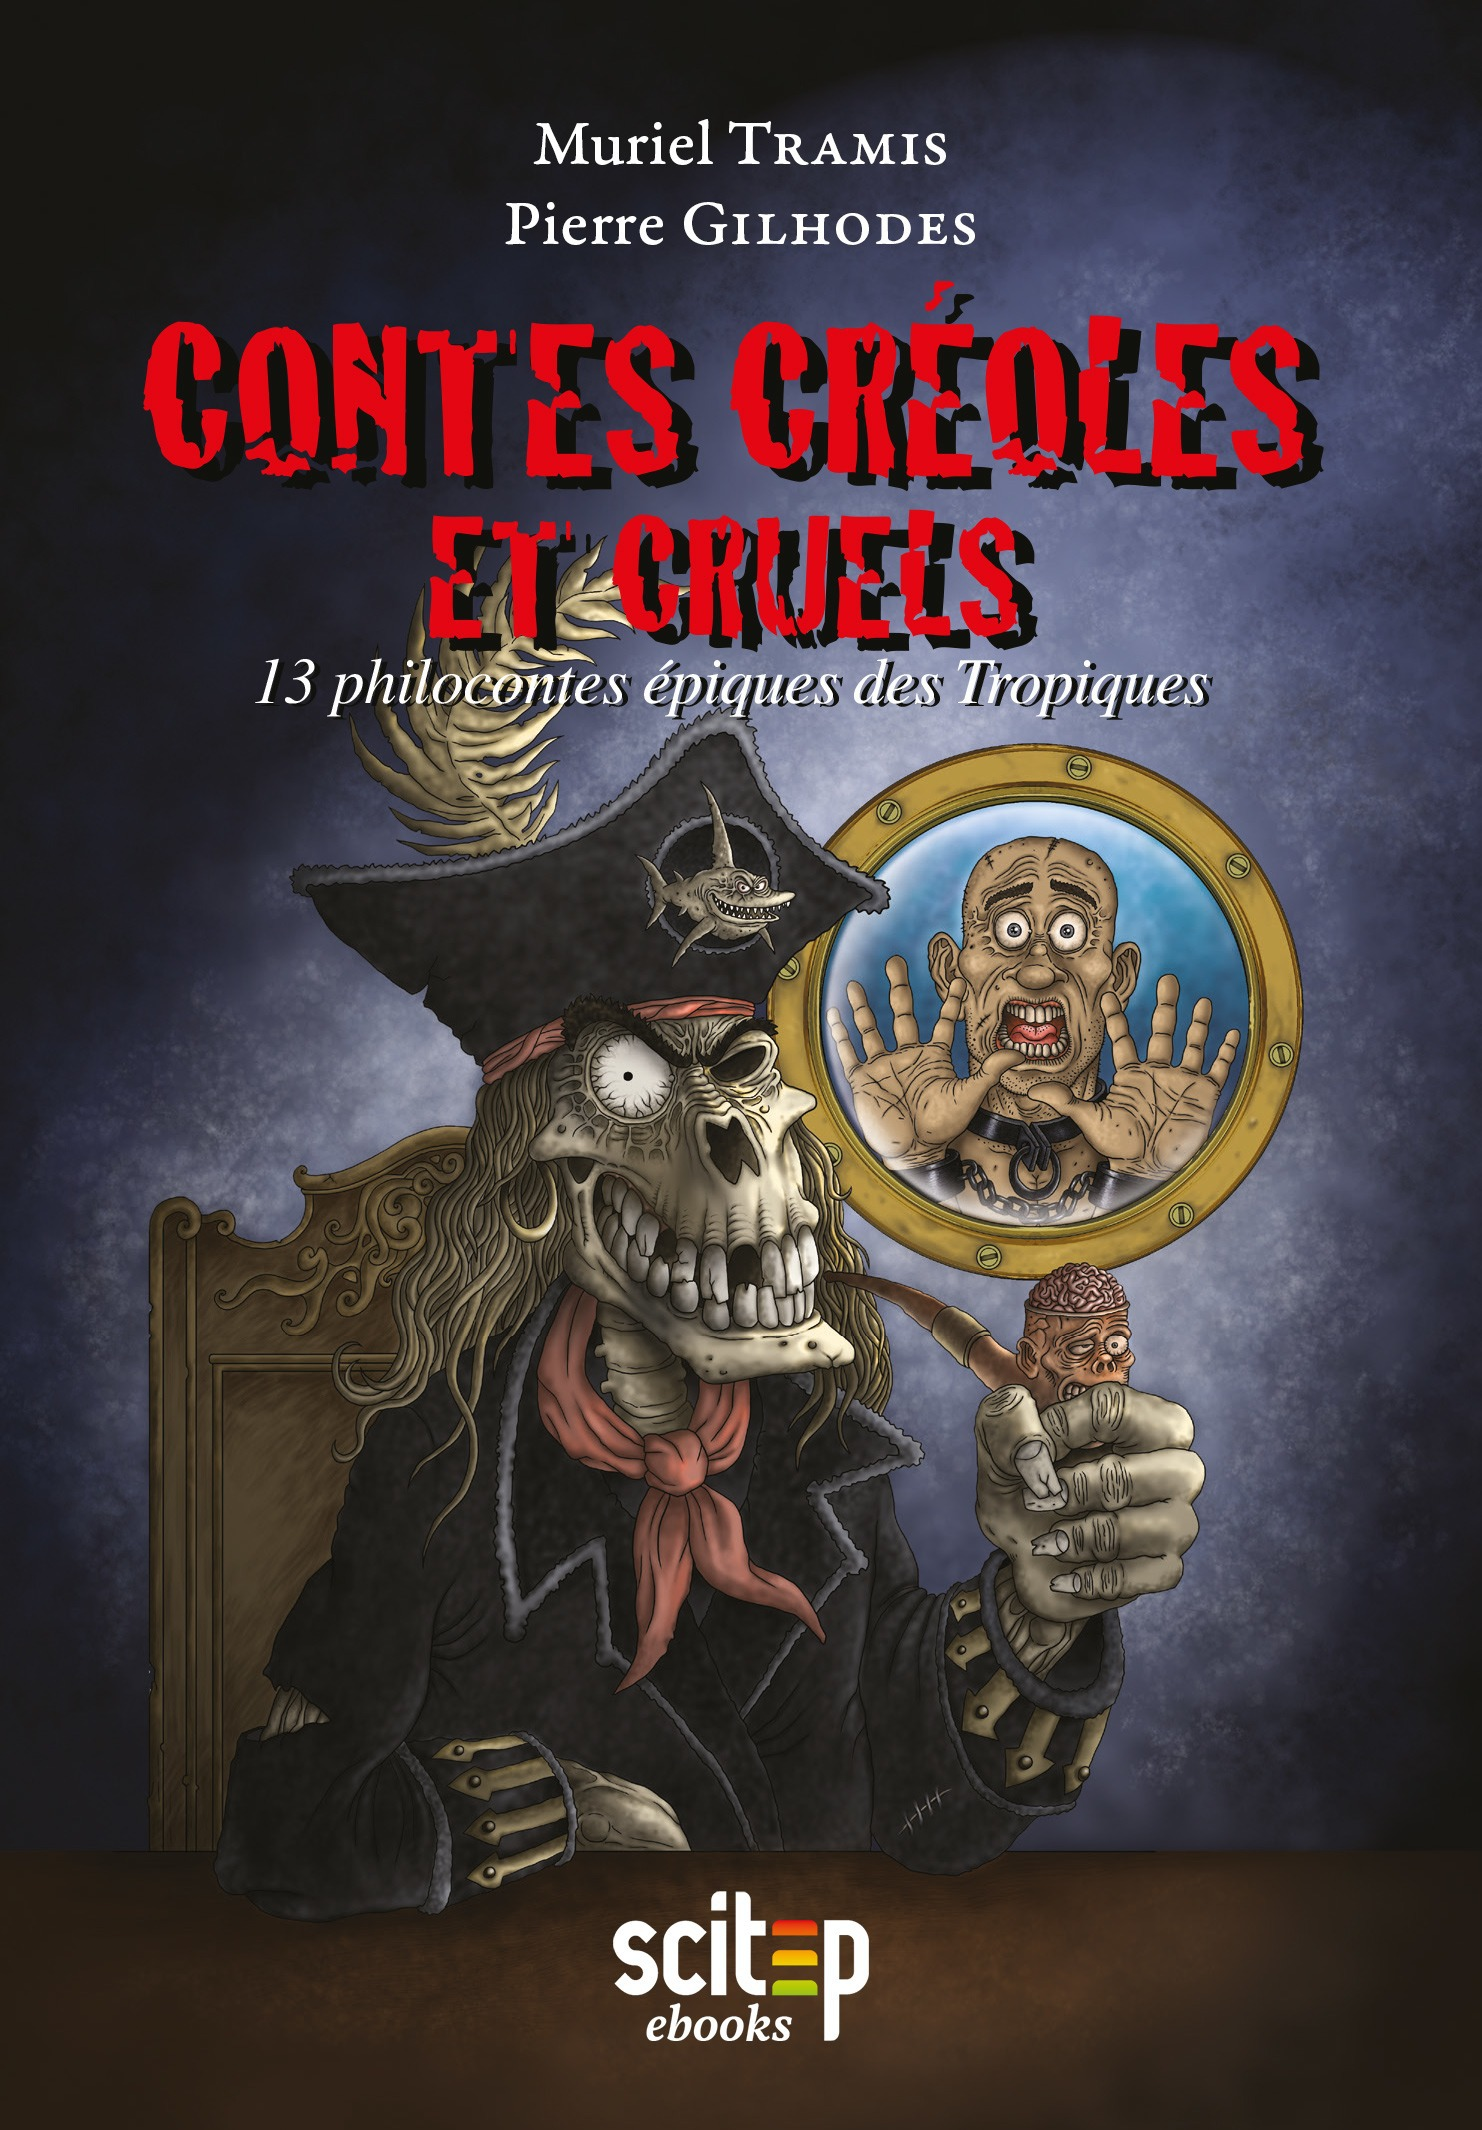 Contes créoles et cruels